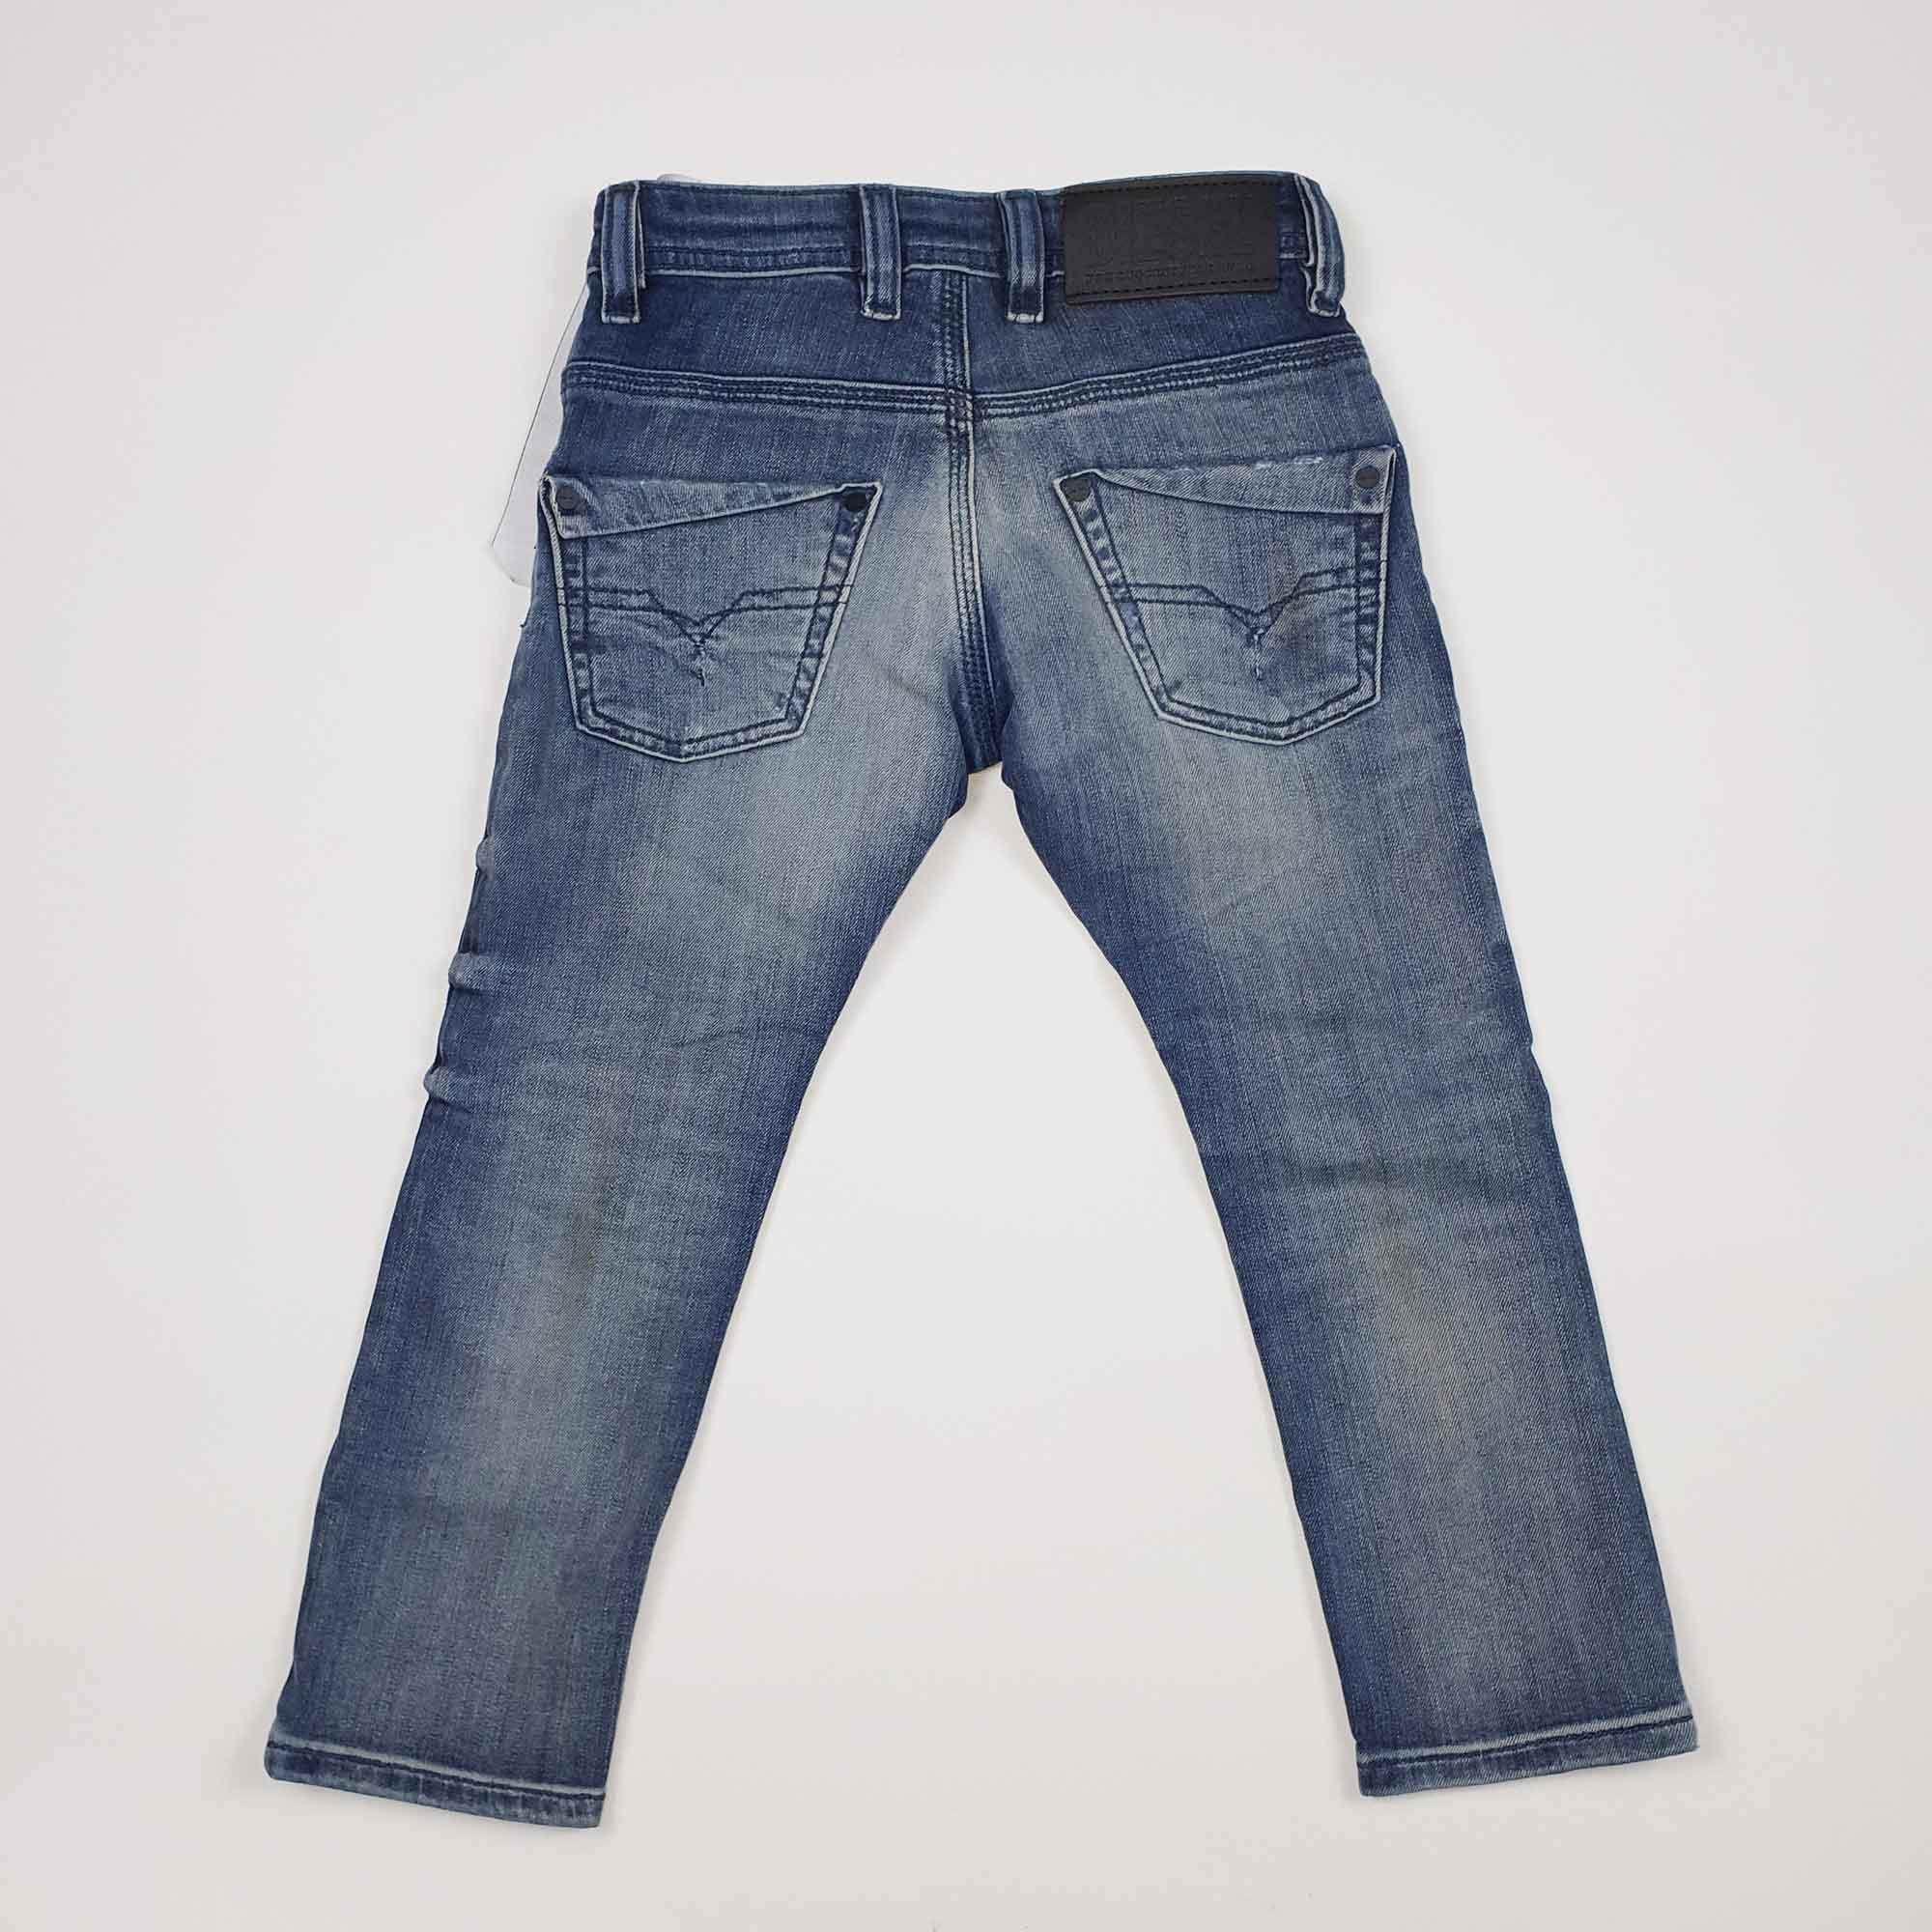 Jeans krooley j n- Denim